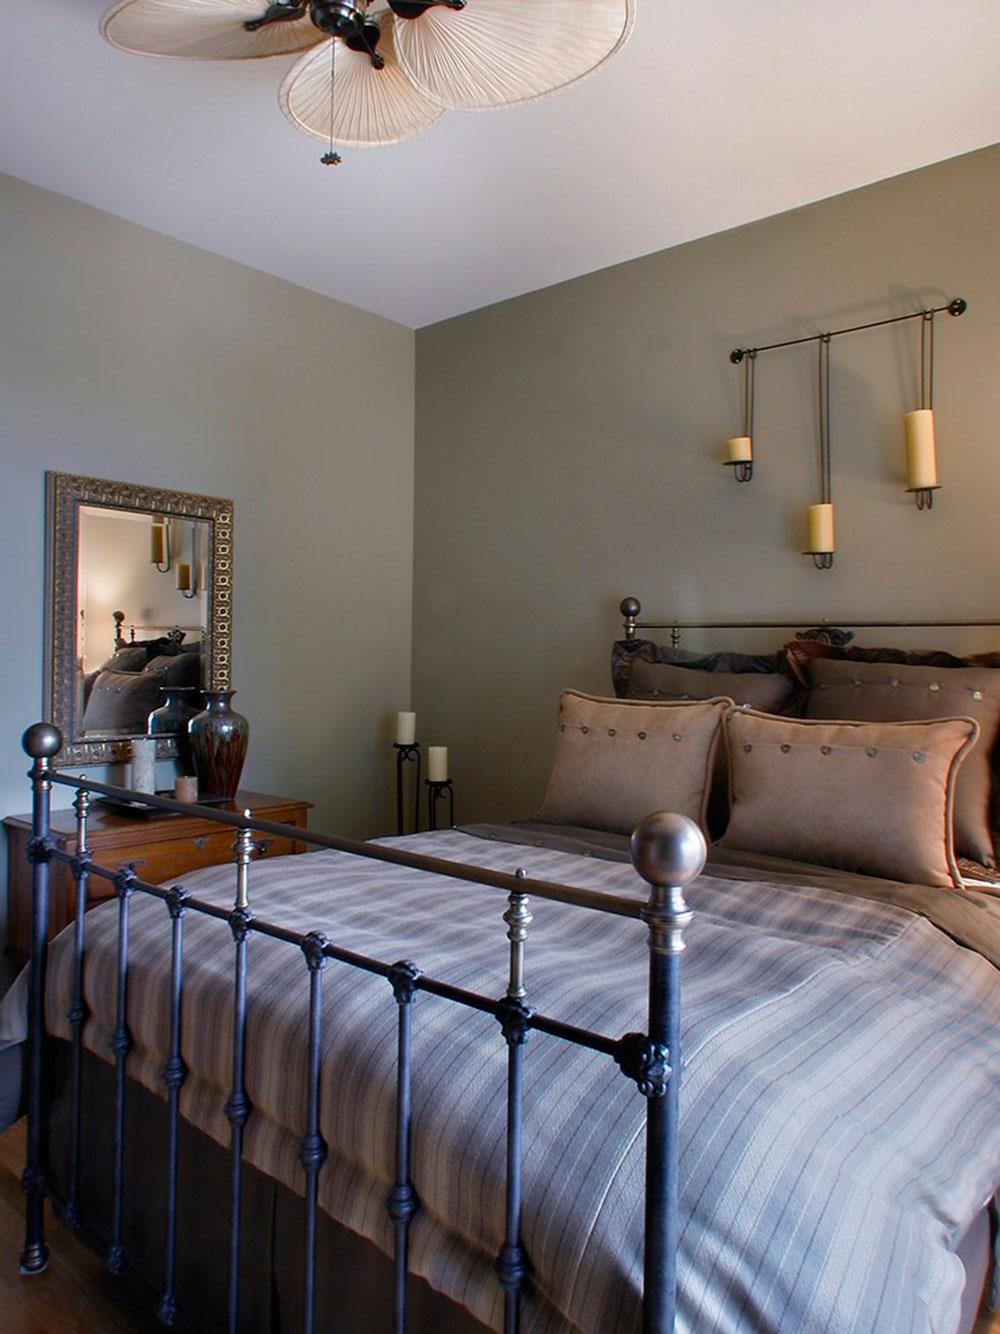 Vintage Bedroom Ideas You Shouldn\'t Overlook